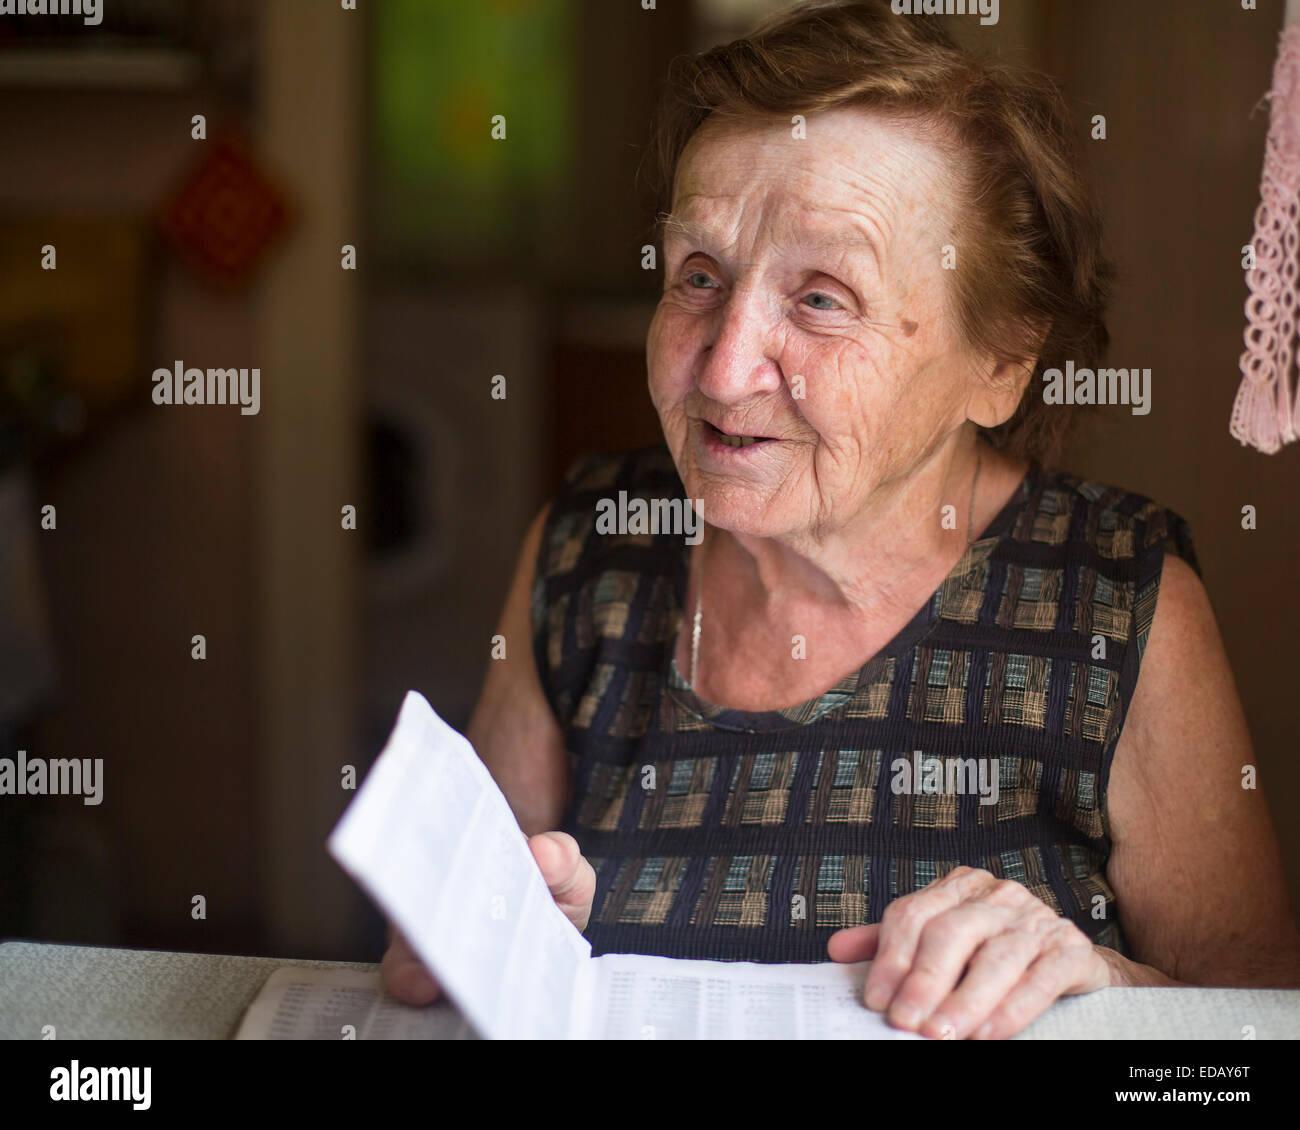 Alte Frau emotional spricht und liest in einem Notebook in seinem Haus. Stockbild